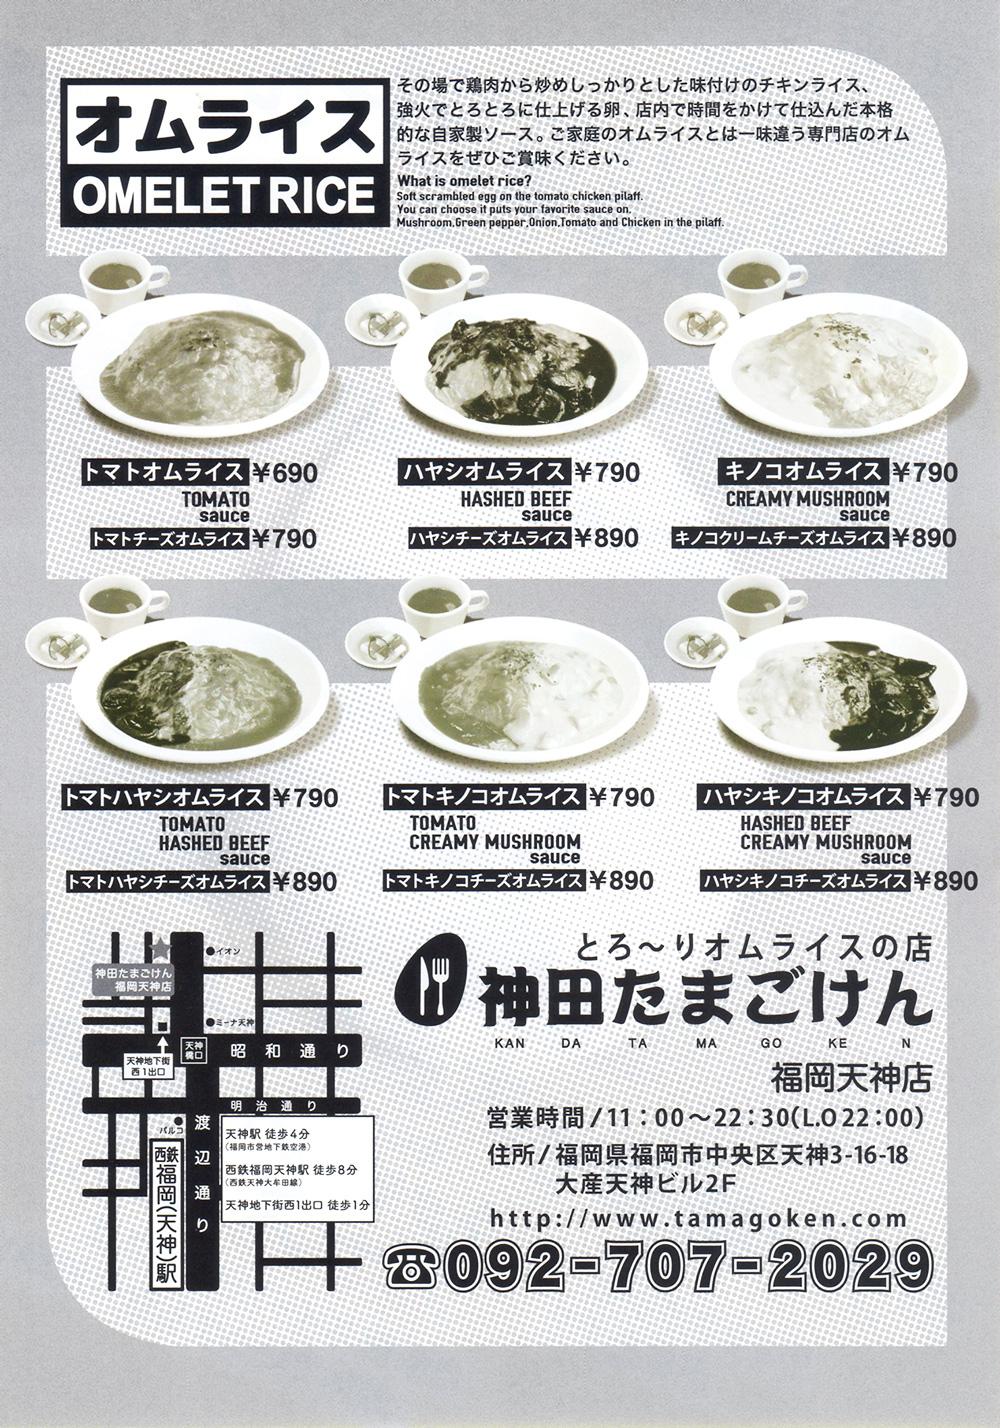 とろ~りオムライスの店「神田たまごけん」福岡天神店